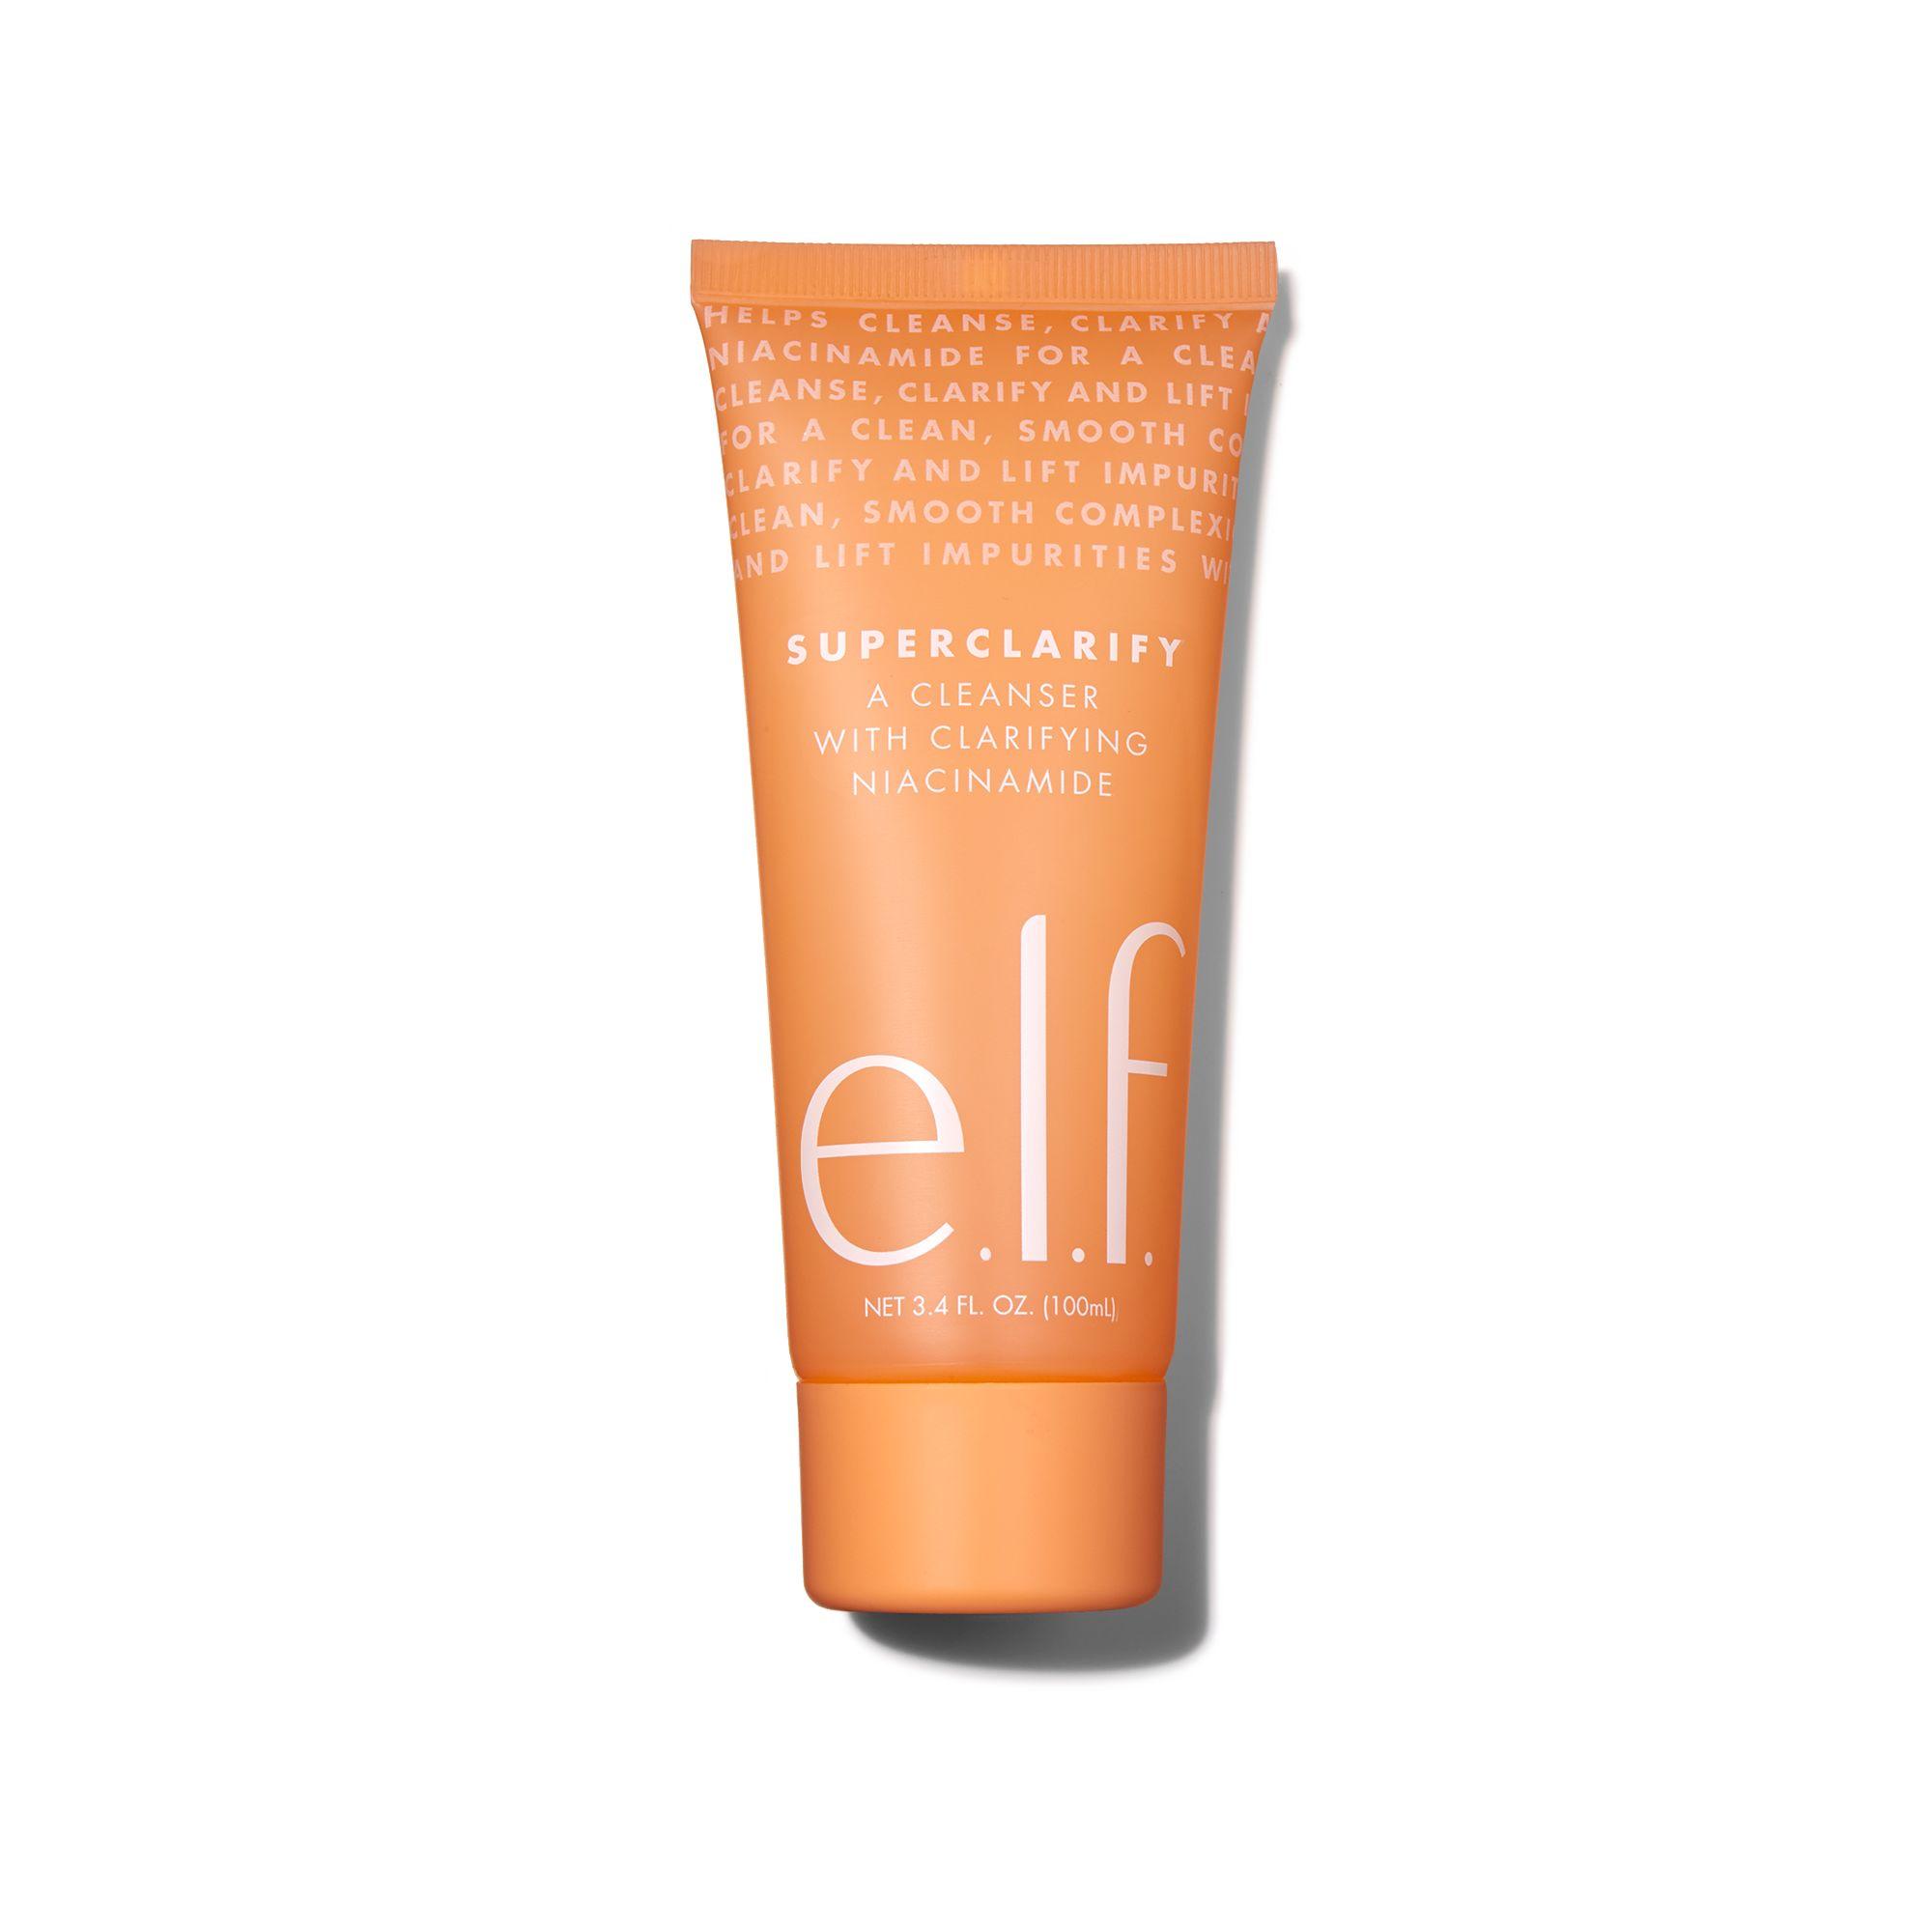 e.l.f. Cosmetics Superclarify Cleanser